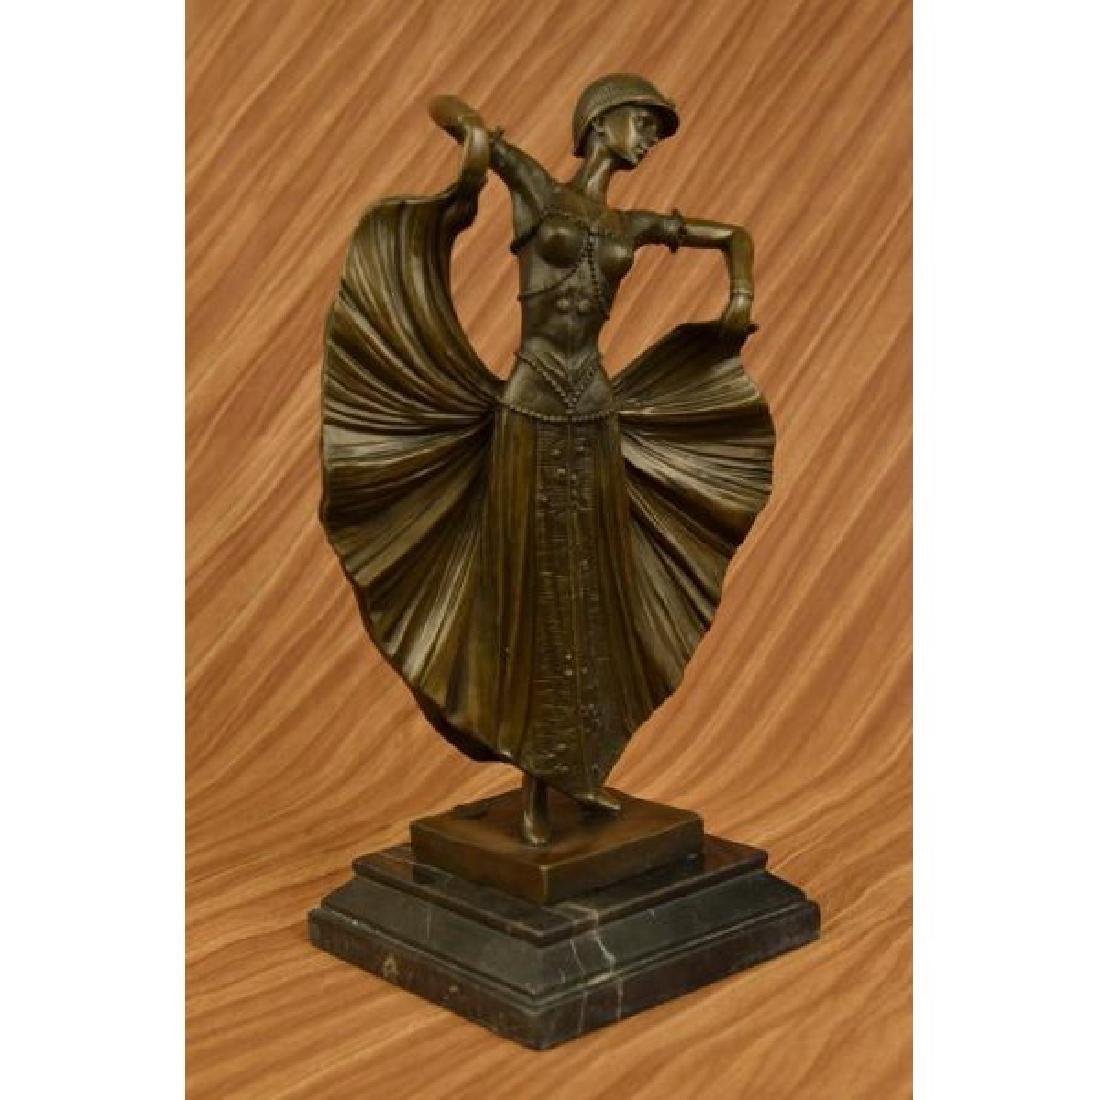 Art Deco Flair Dancer Bronze Sculpture